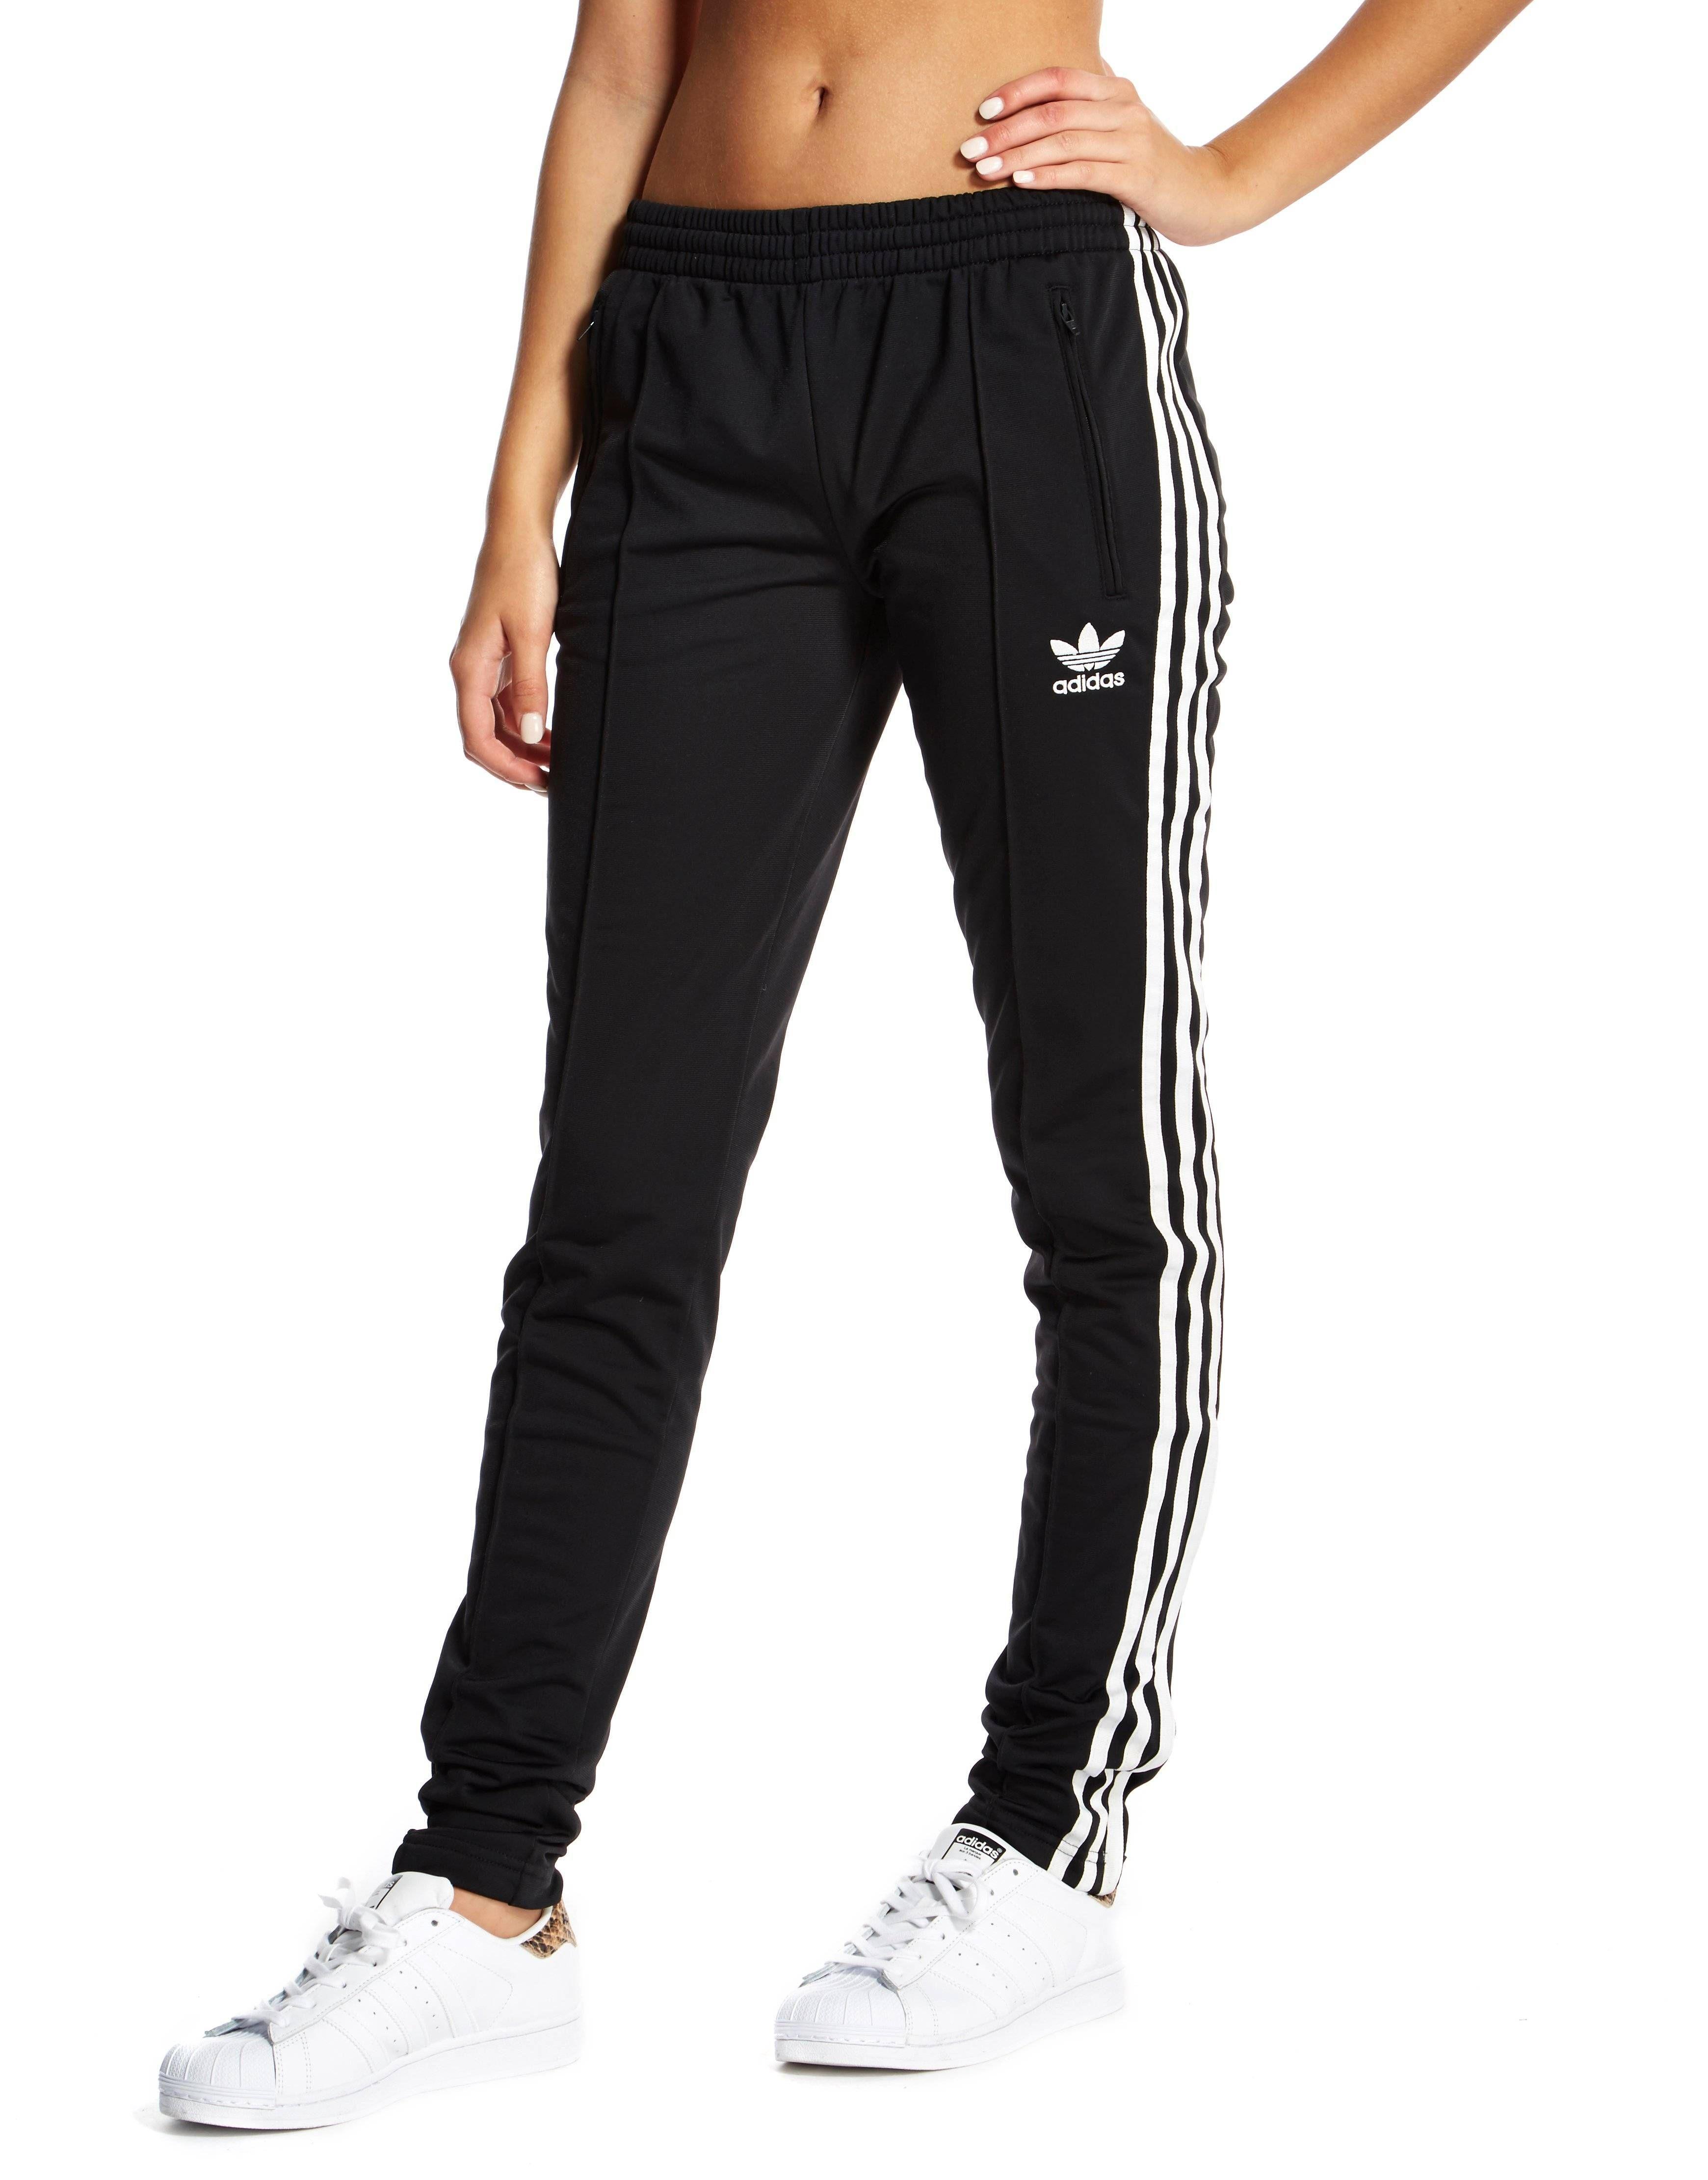 O después Monopolio prestar  Women Shoes A en 2019 | Pantalones adidas mujer, Pantalones adidas ...